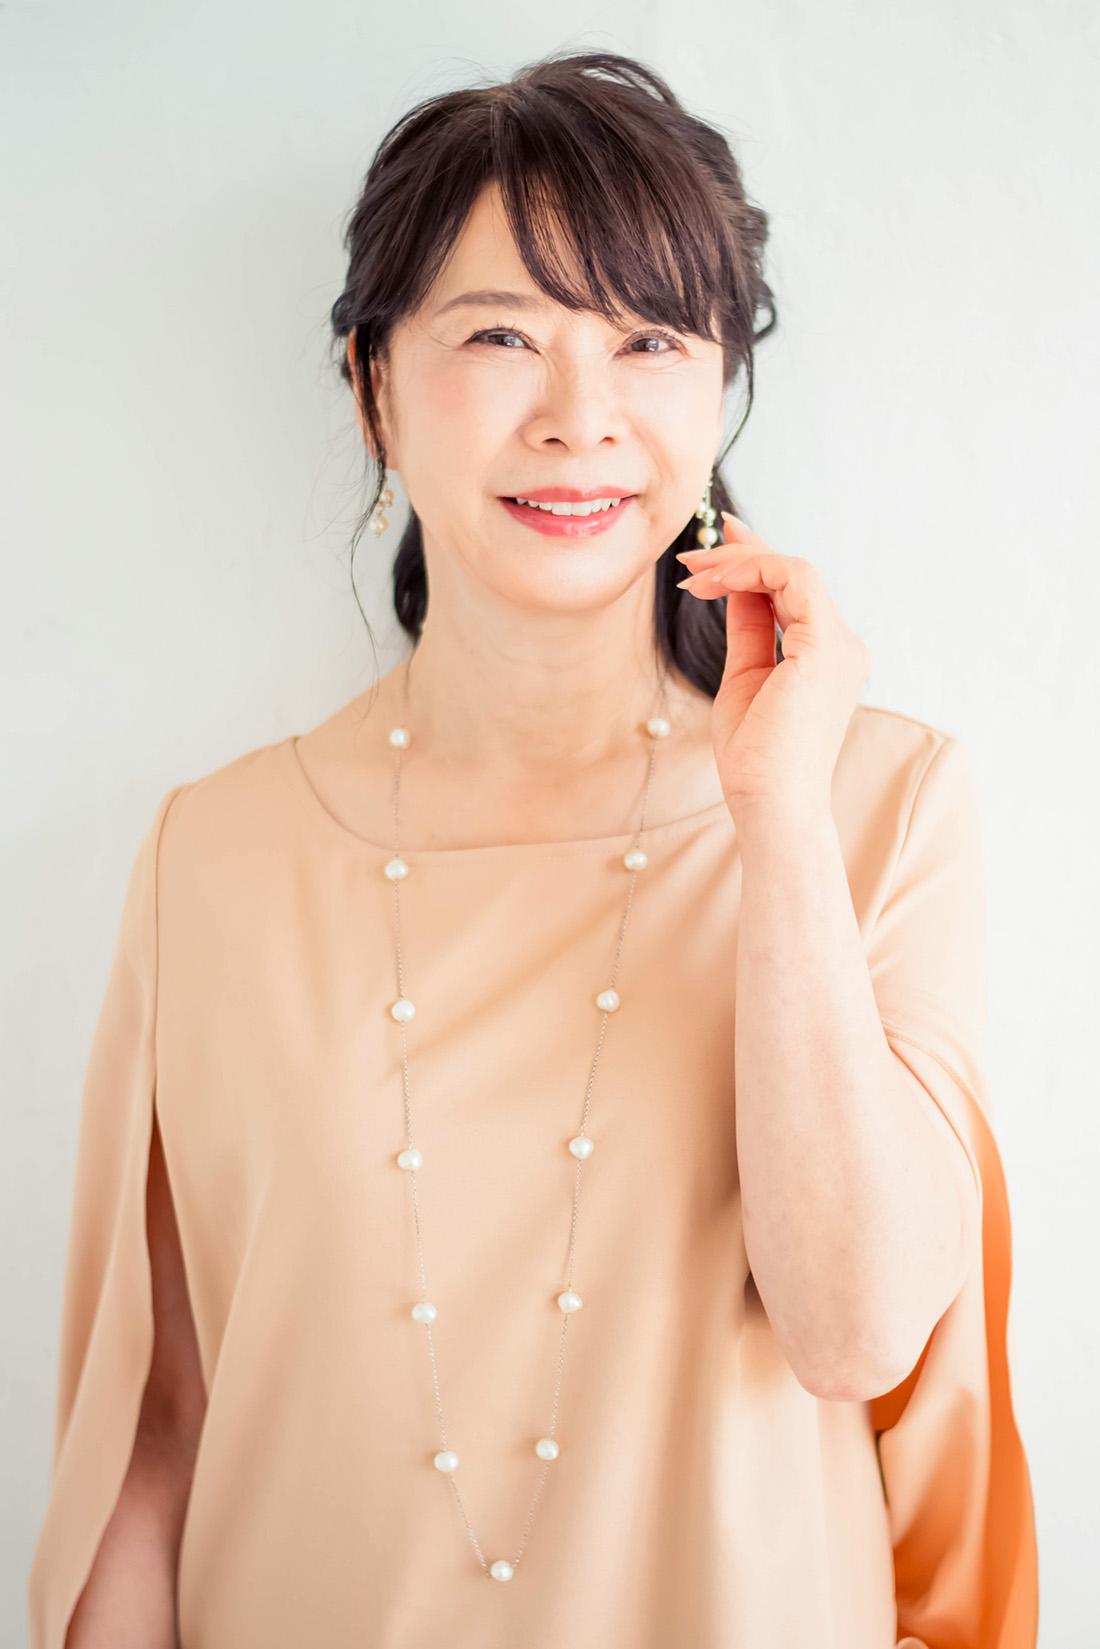 新井 雅美